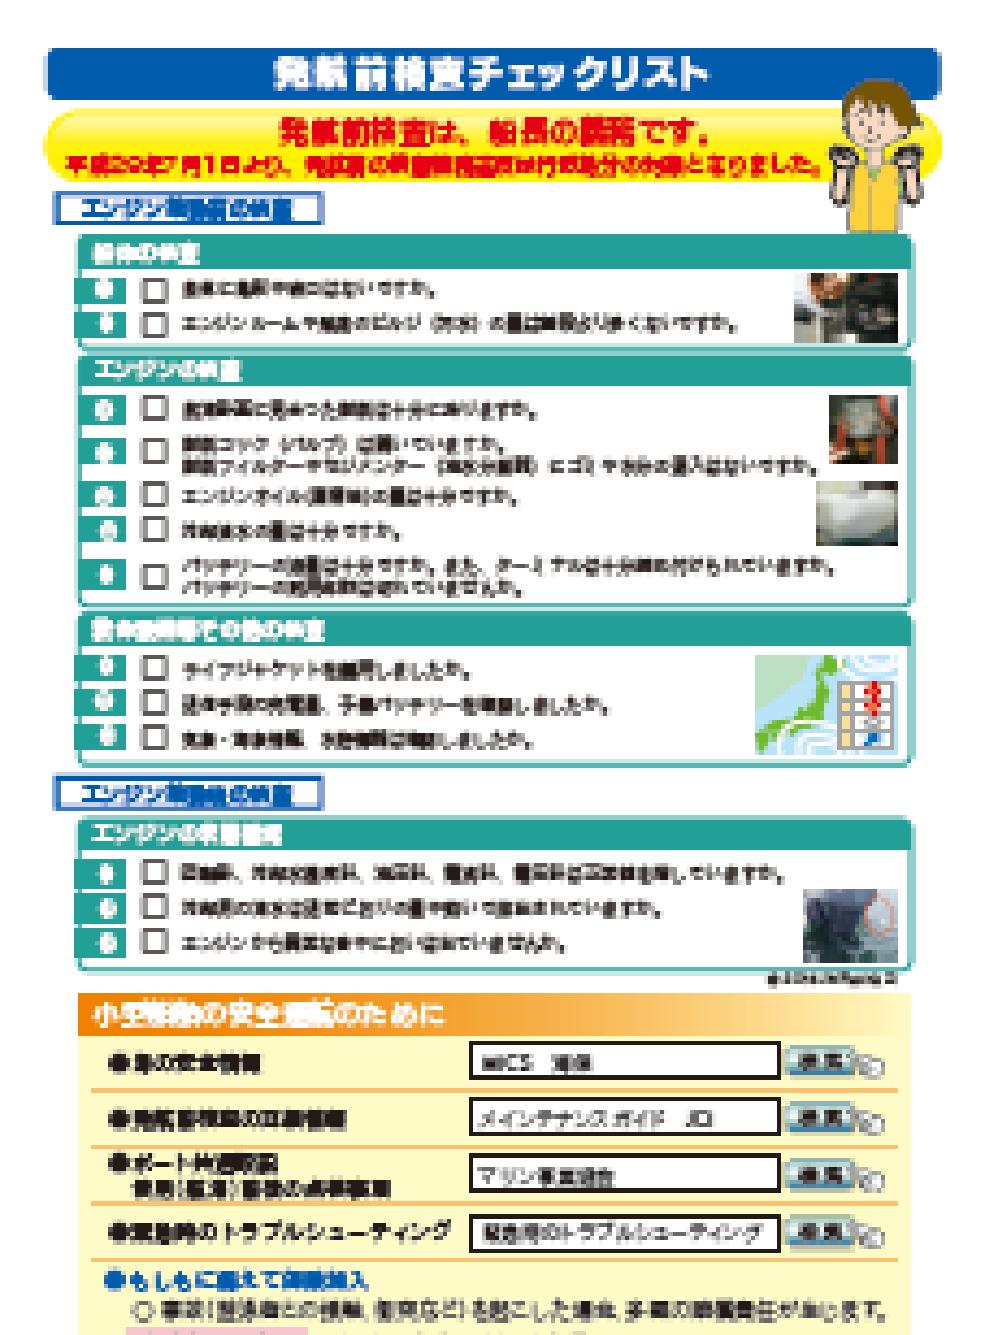 海事:発航前検査 - 国土交通省